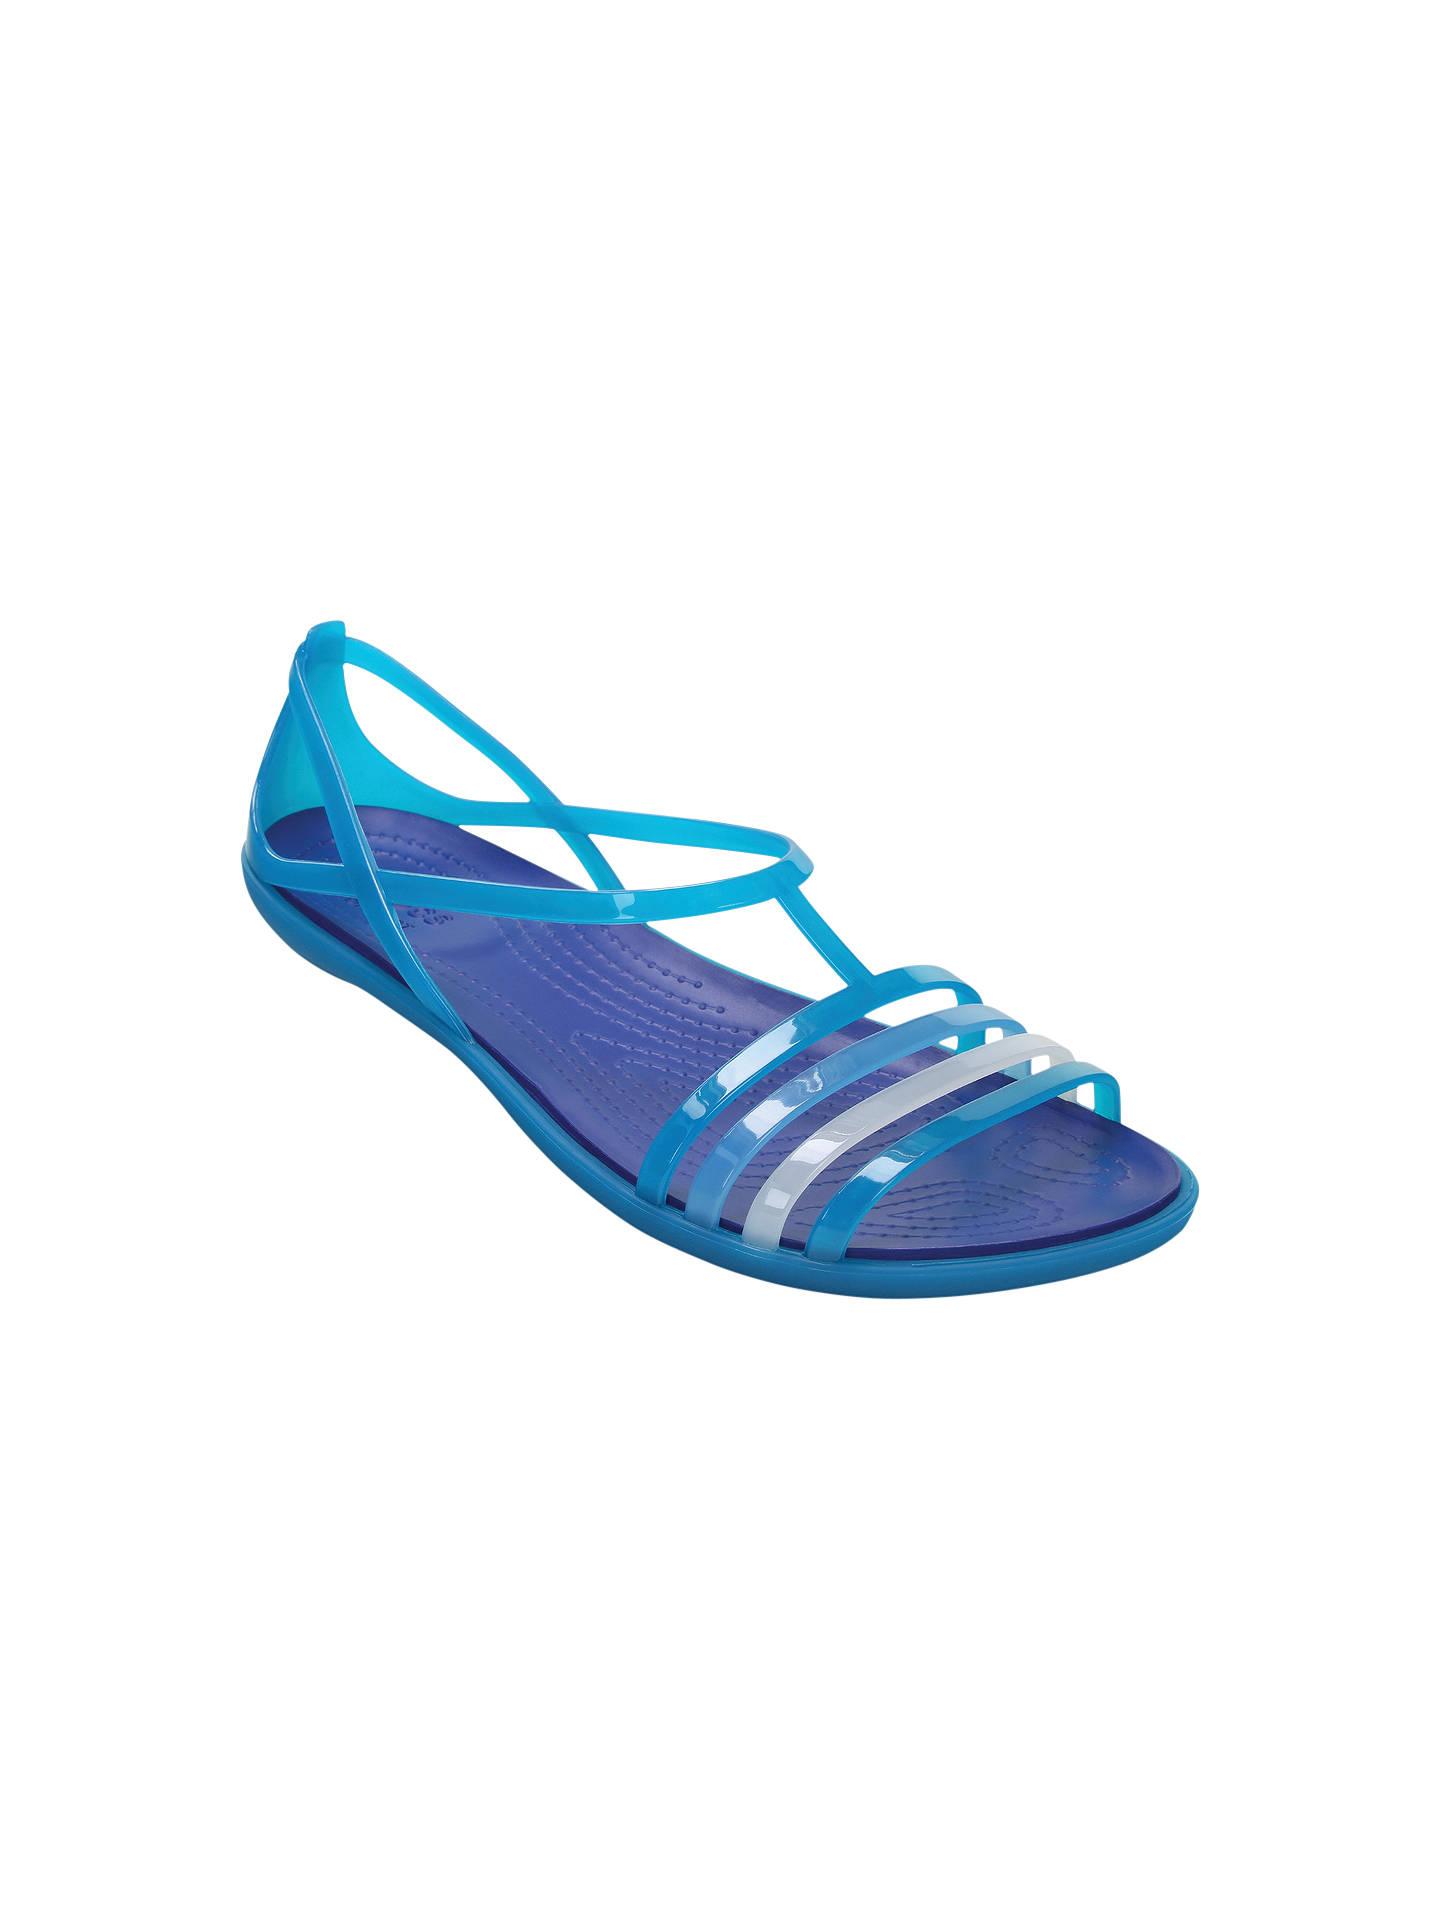 27b0c39ce Buy Crocs Isabella T-Bar Sandals